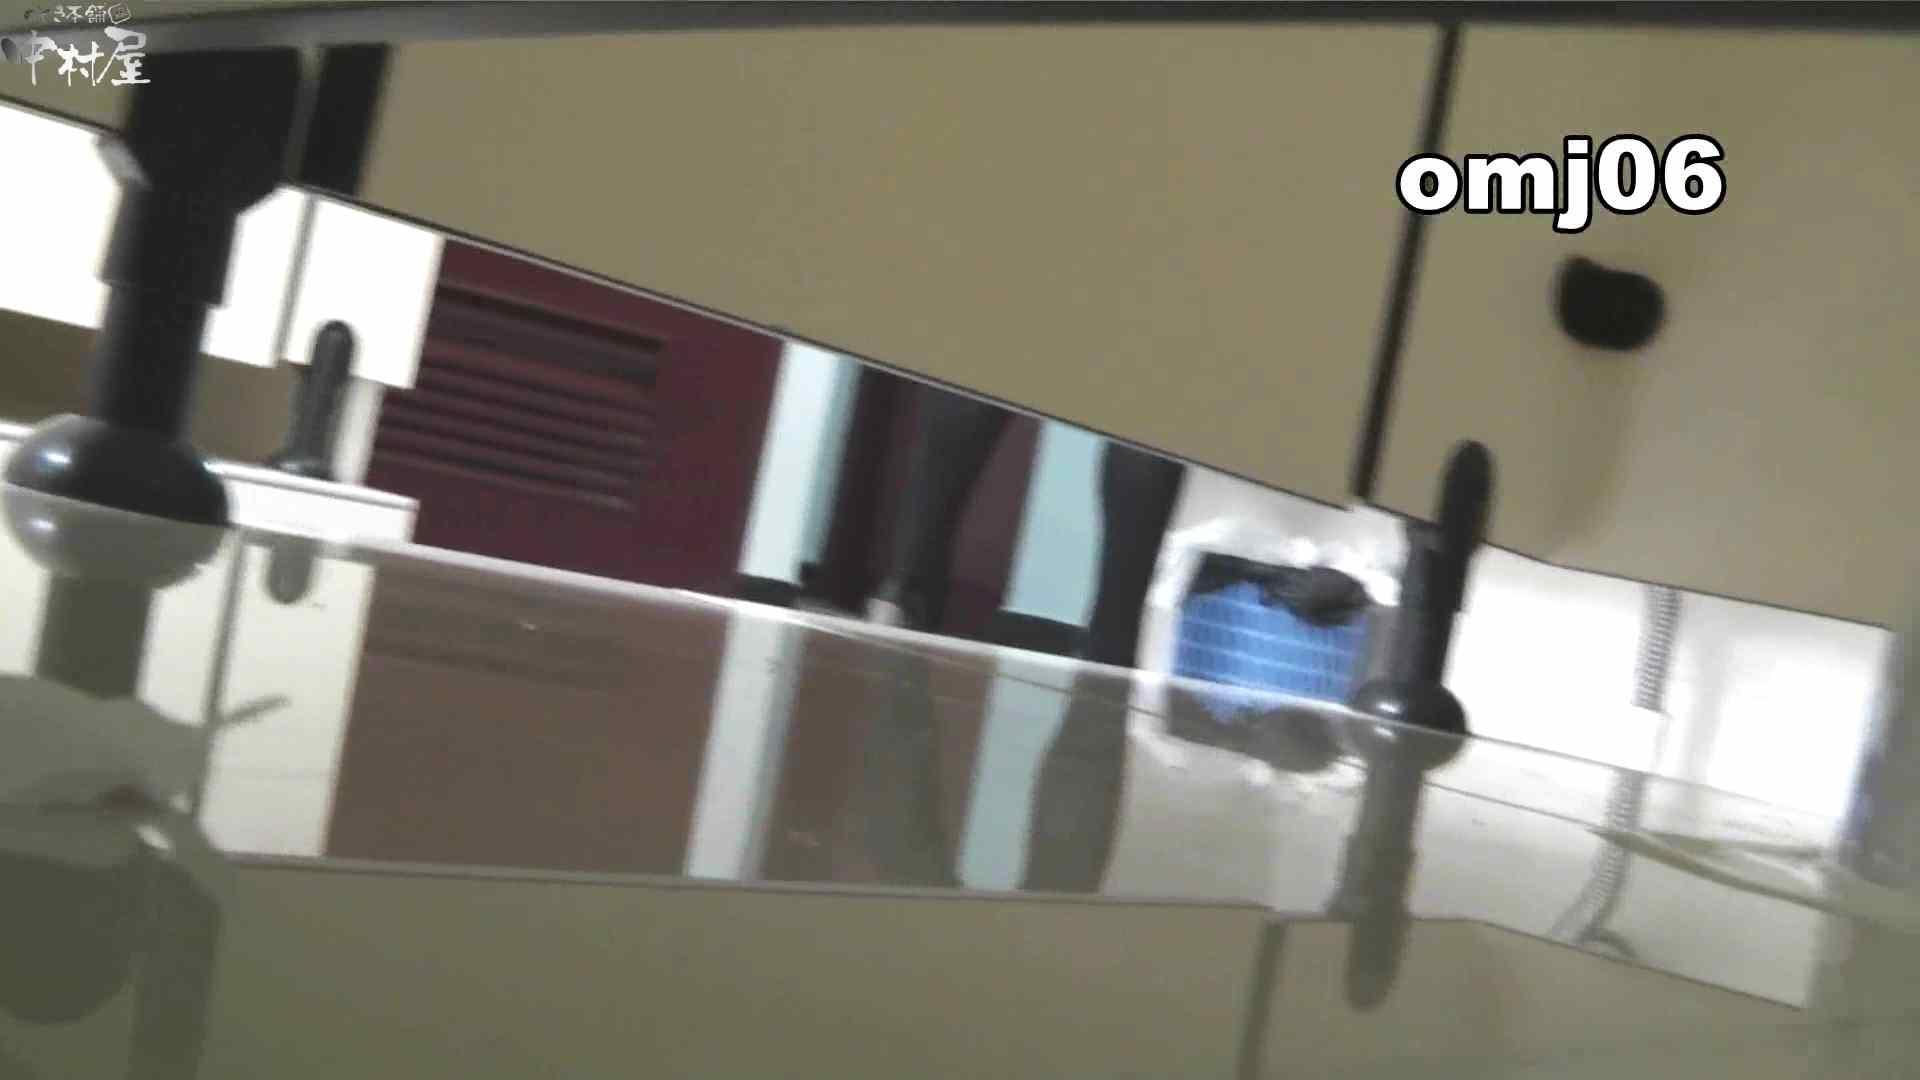 お市さんの「お尻丸出しジャンボリー」No.06 女子トイレ 盗撮われめAV動画紹介 49画像 39